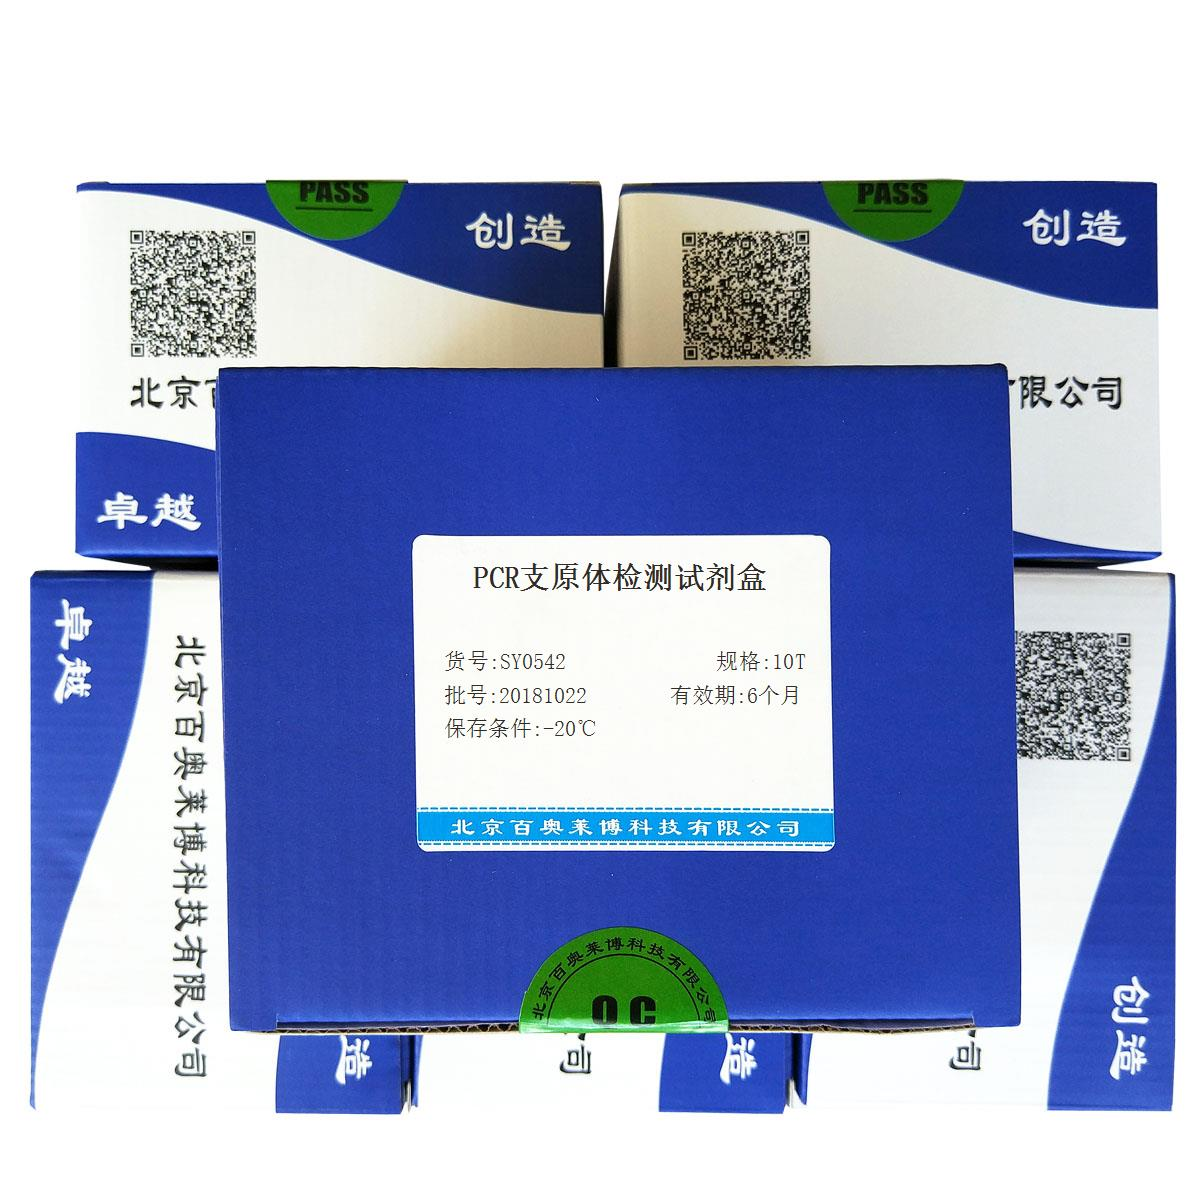 88必发com_PCR支原体检测88必发com盒